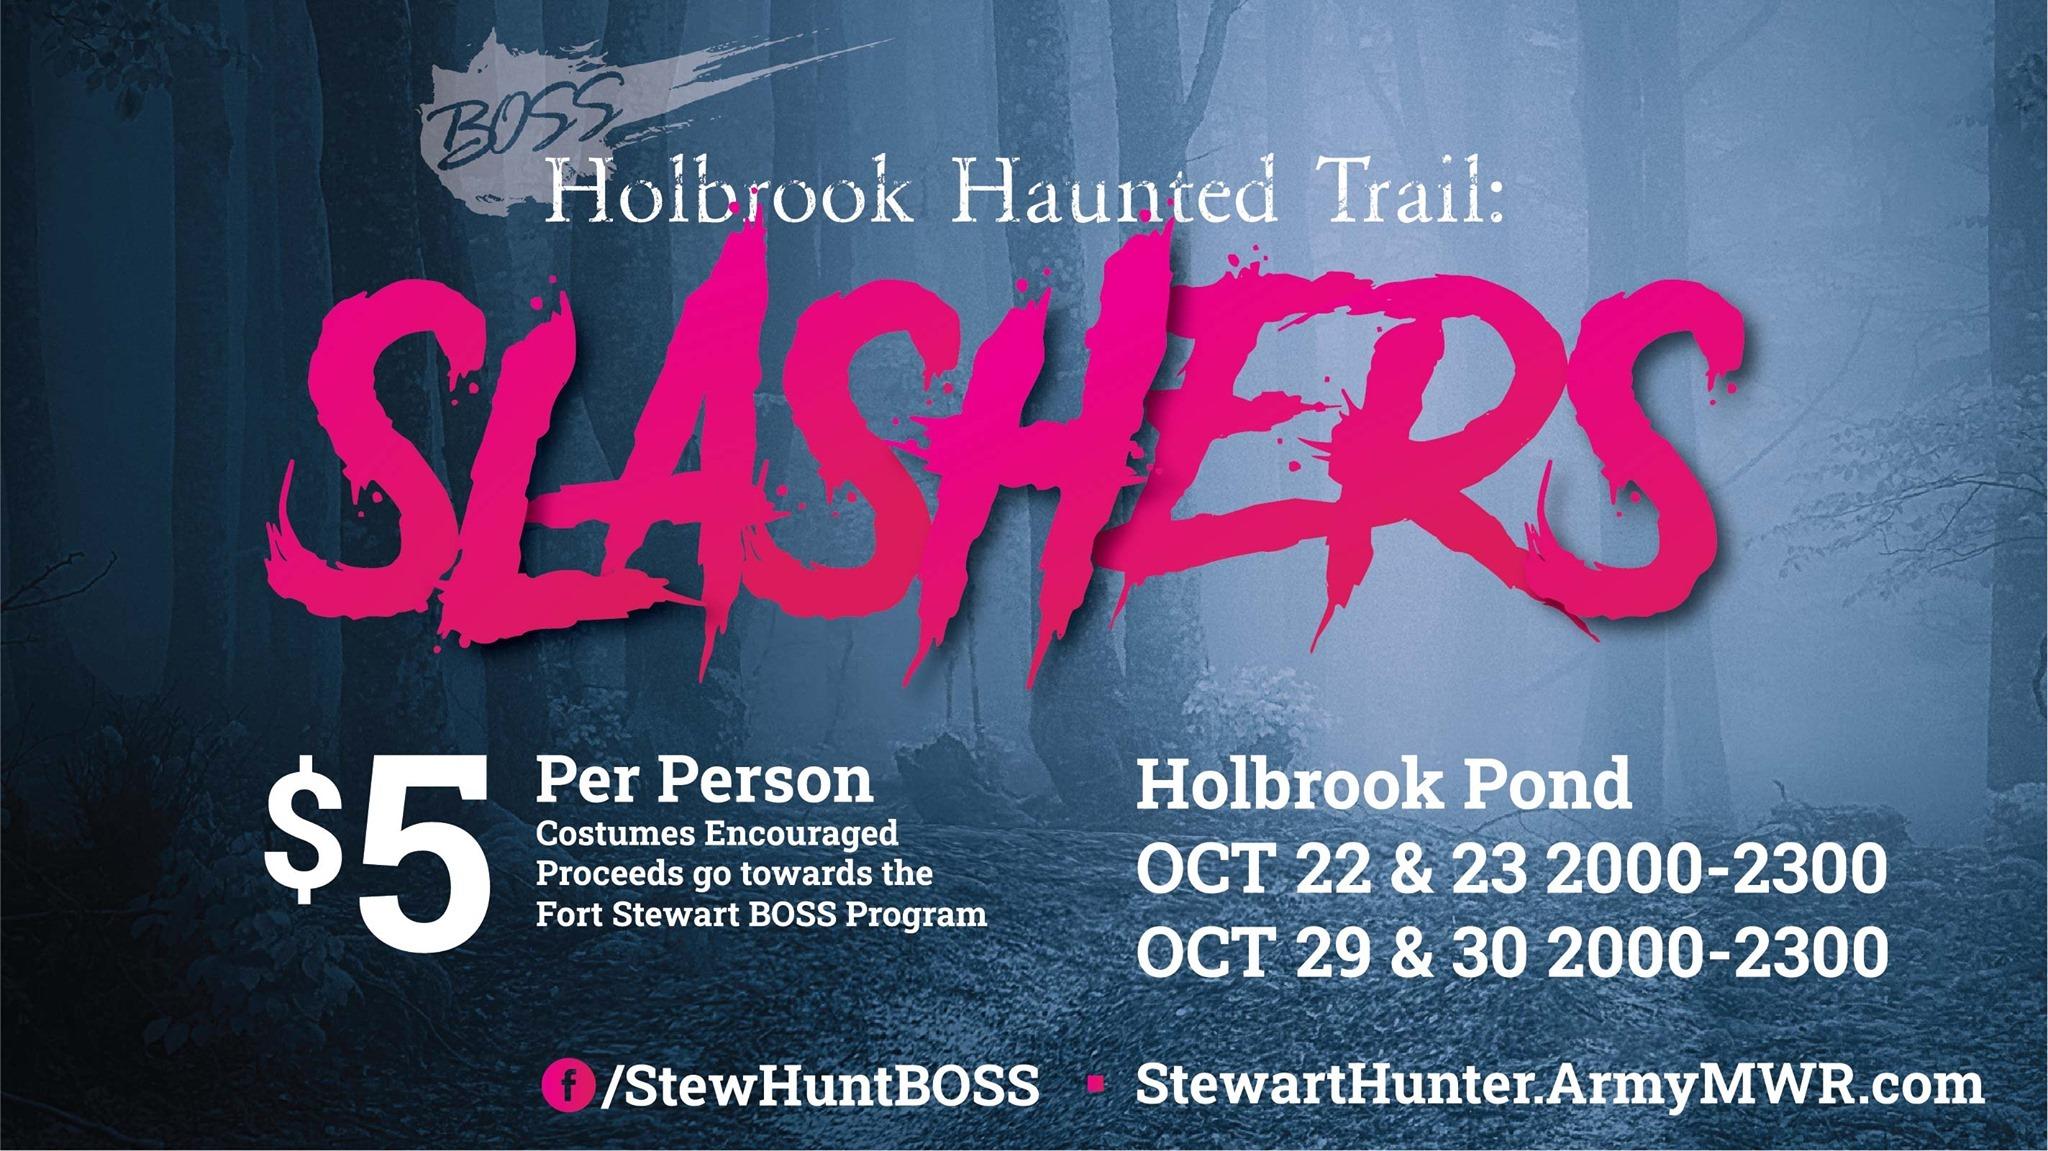 Holbrook Haunted Trails: Slashers